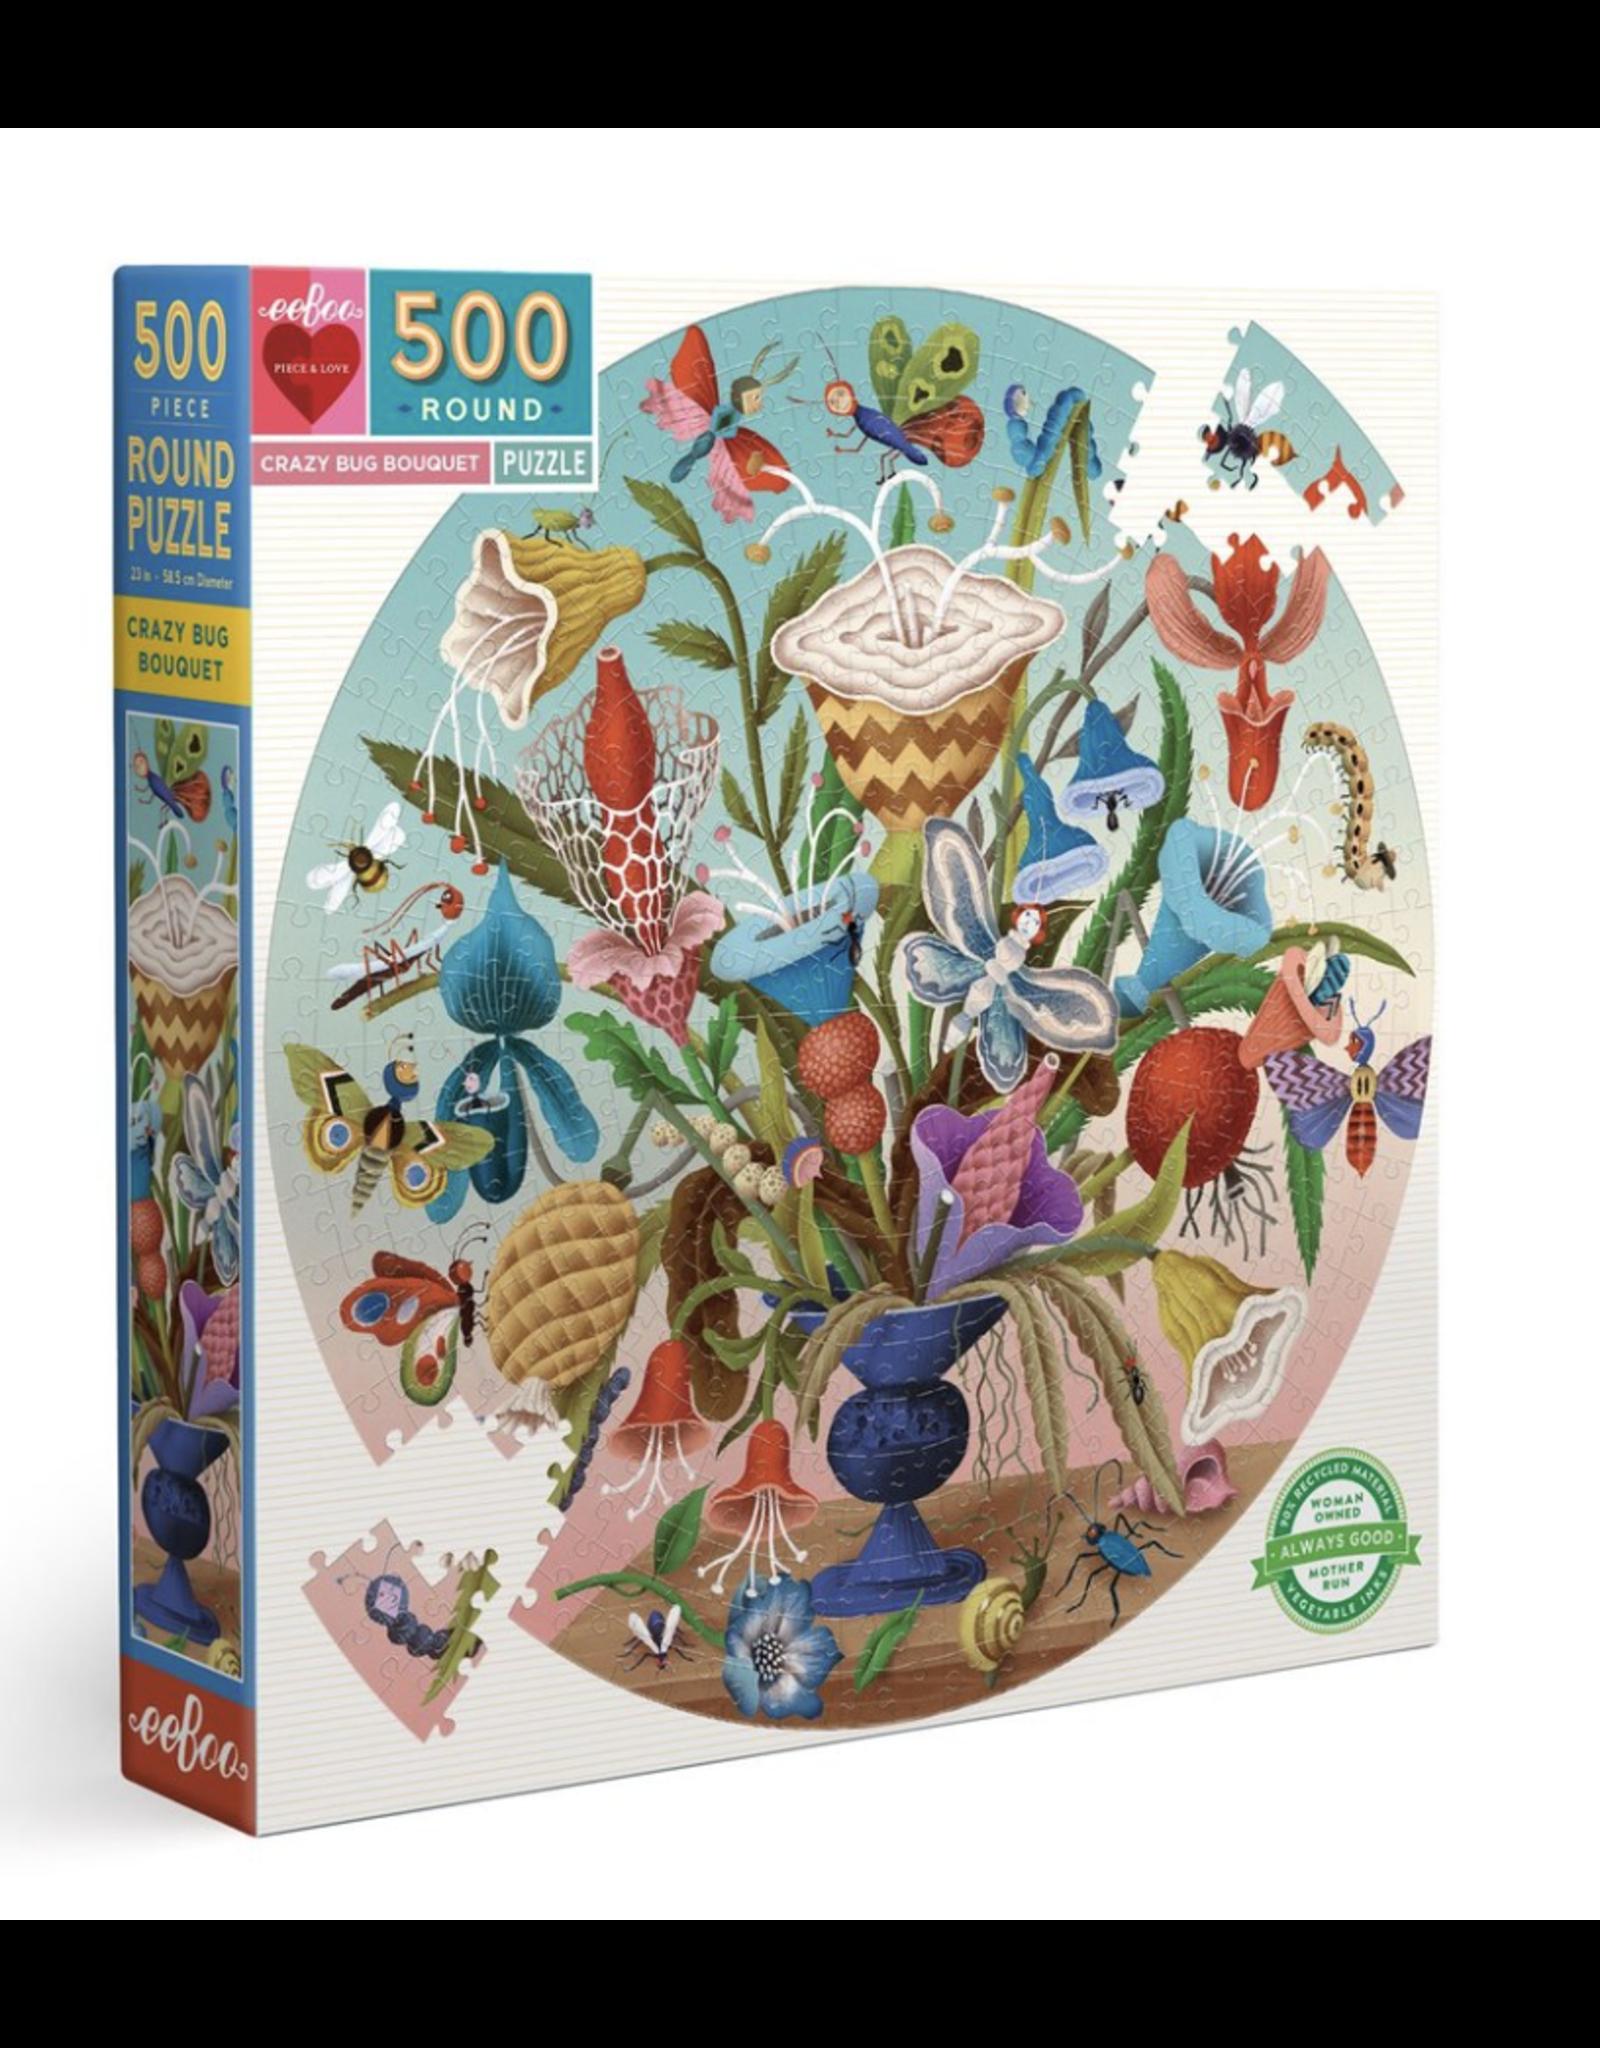 eeBoo Crazy Bug Bouquet 500 Piece Round Puzzle